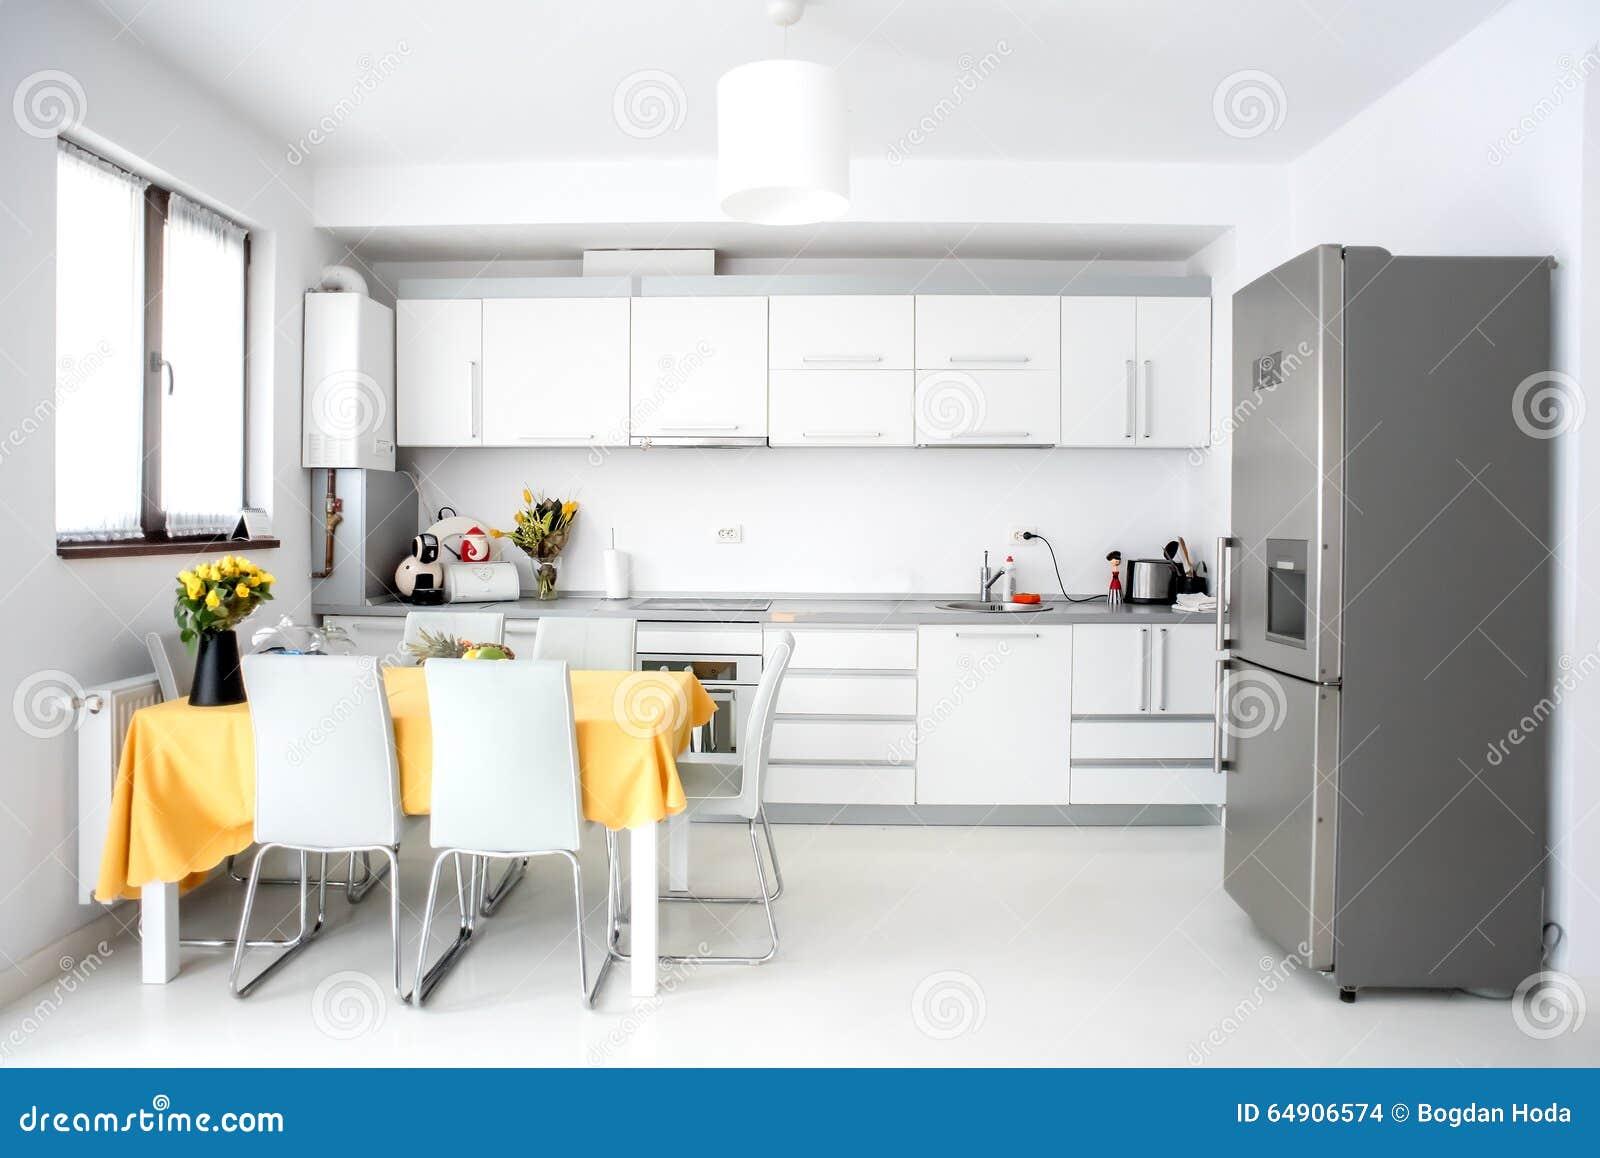 cucina moderna e minimalista di interior design con gli